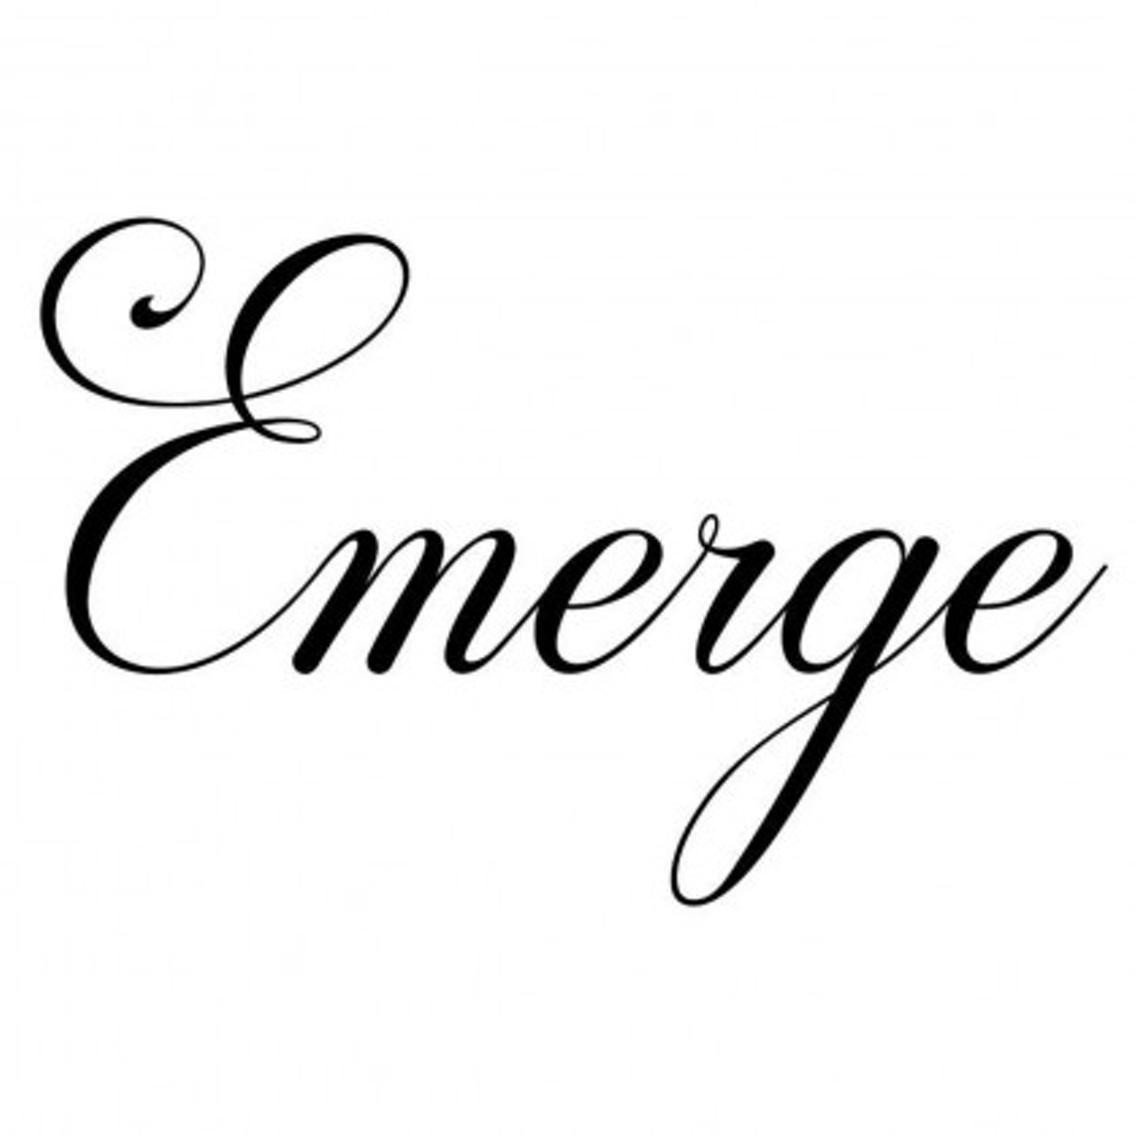 Emerge所属・Emerge アカデミー【紀彦】の掲載